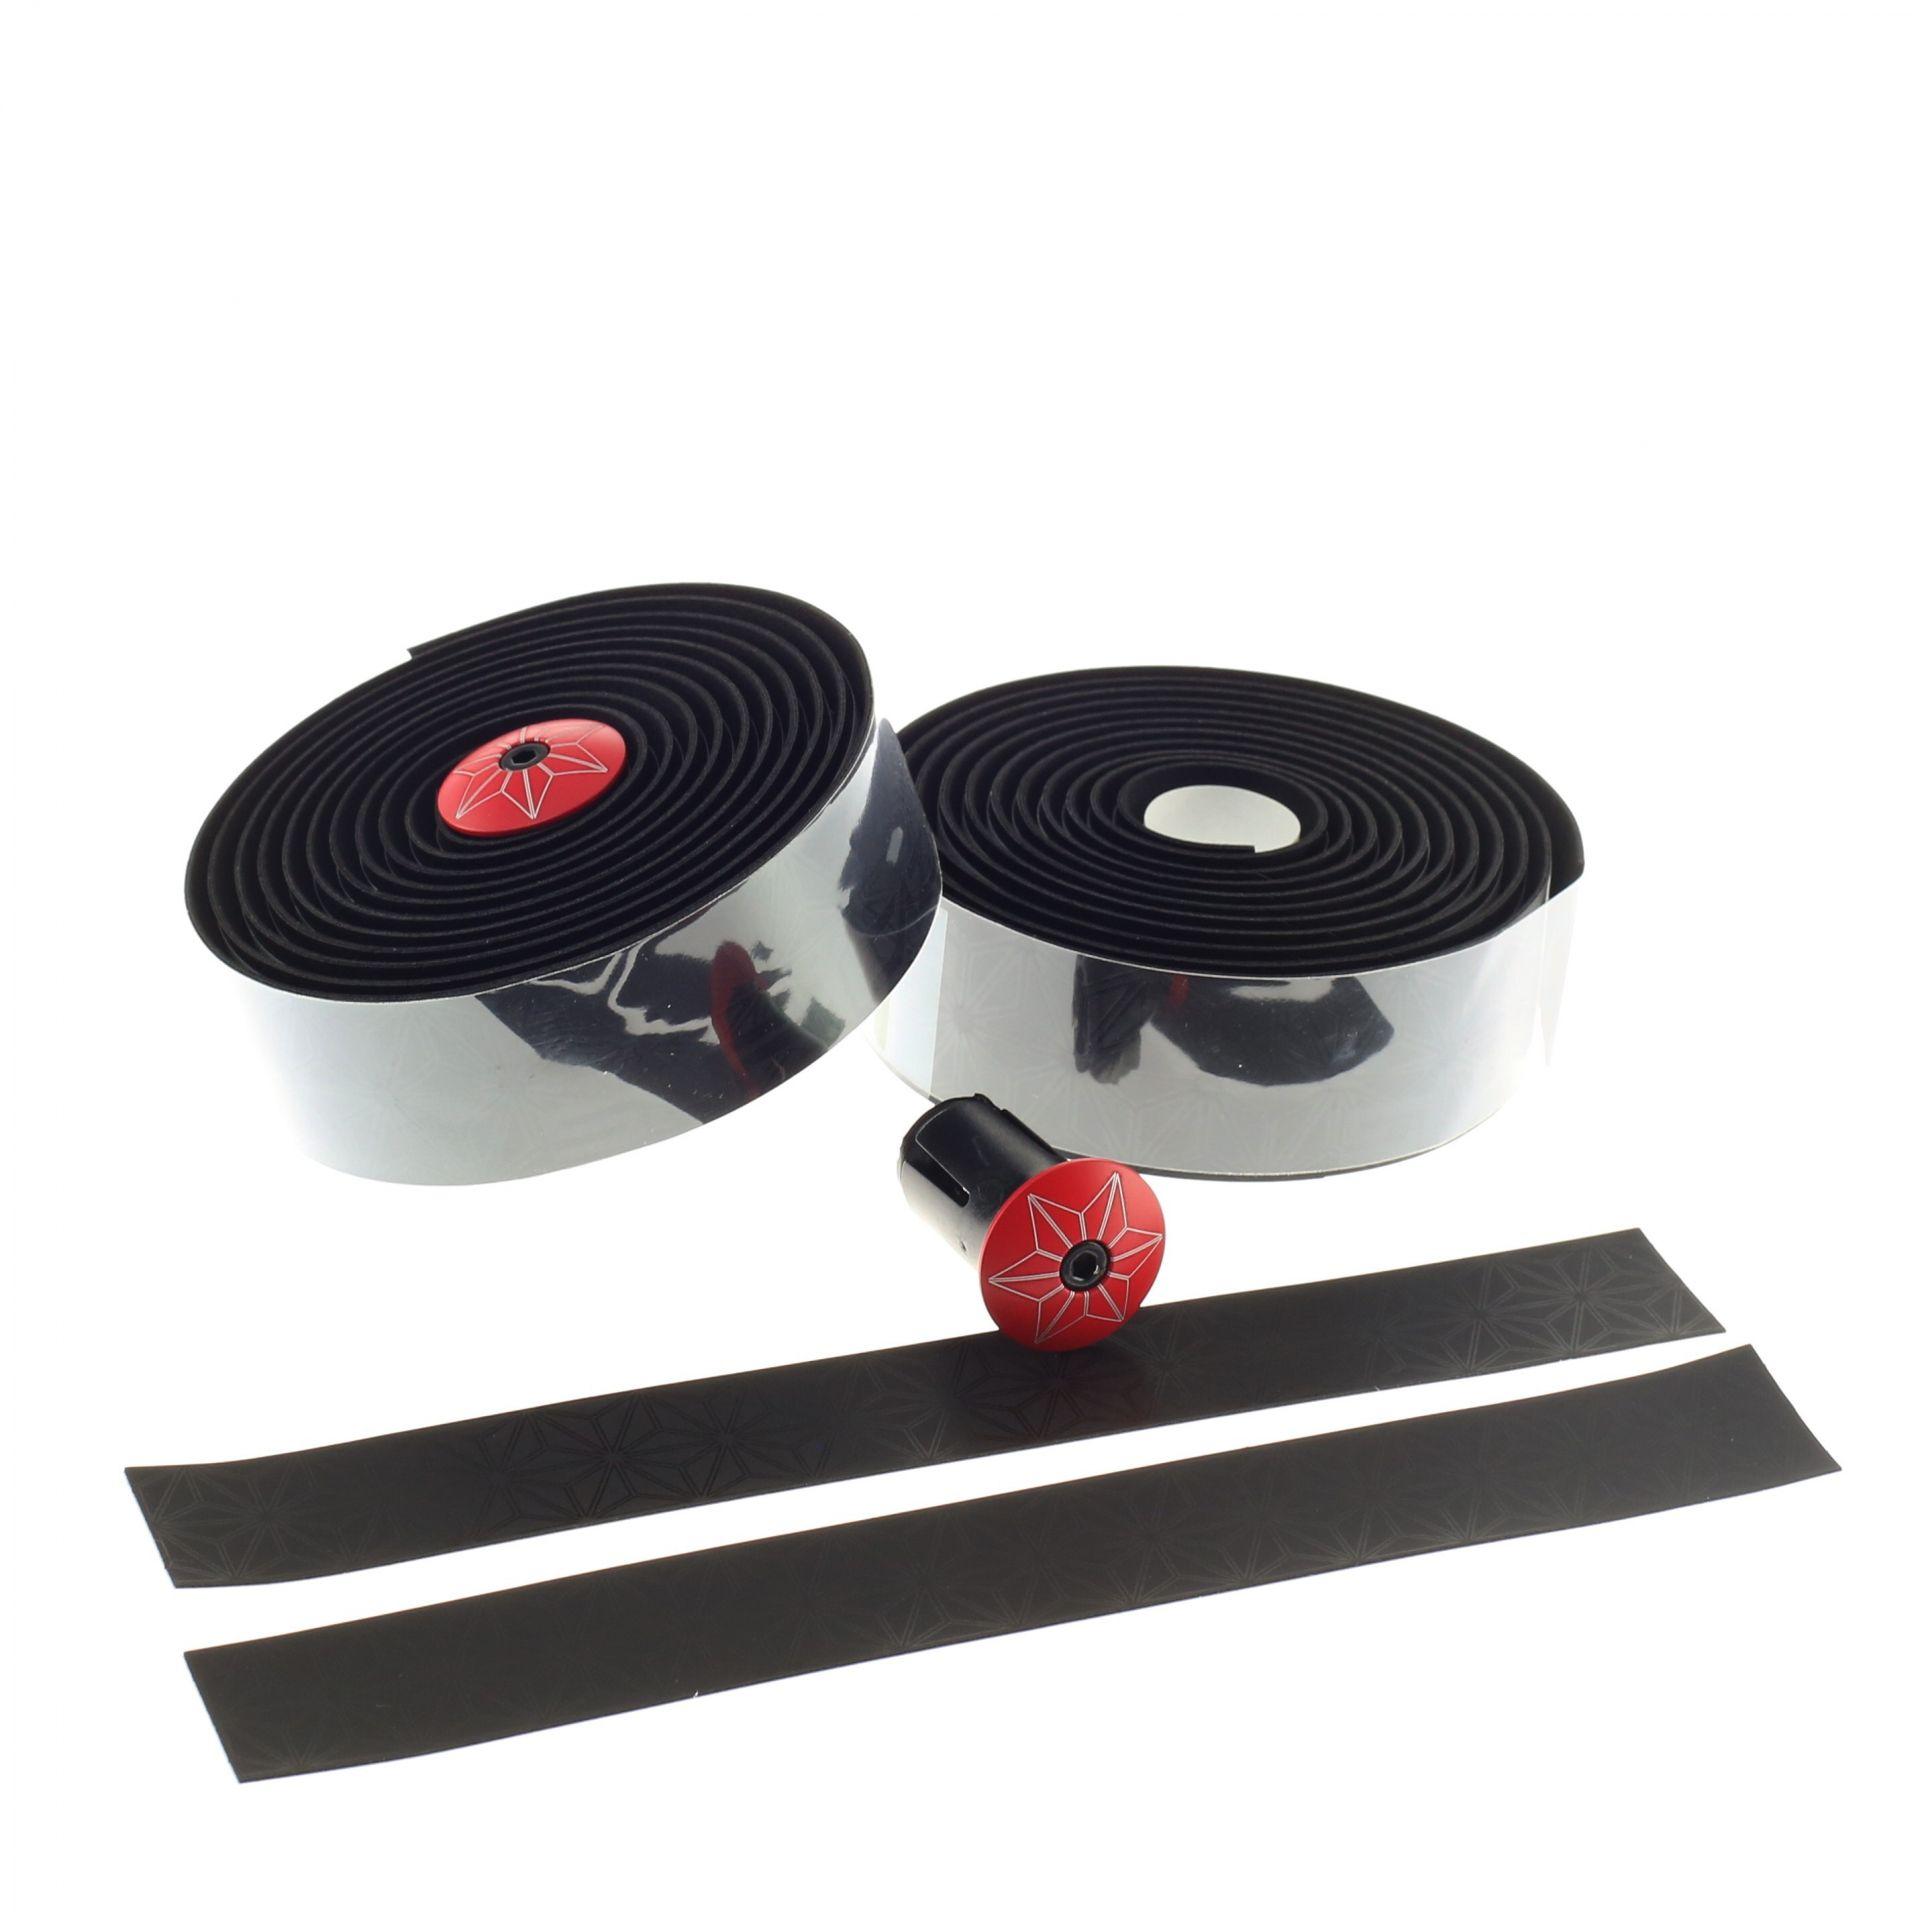 Ruban de cintre Supacaz Super Sticky Kush Tape Noir/Bouchons Rouge